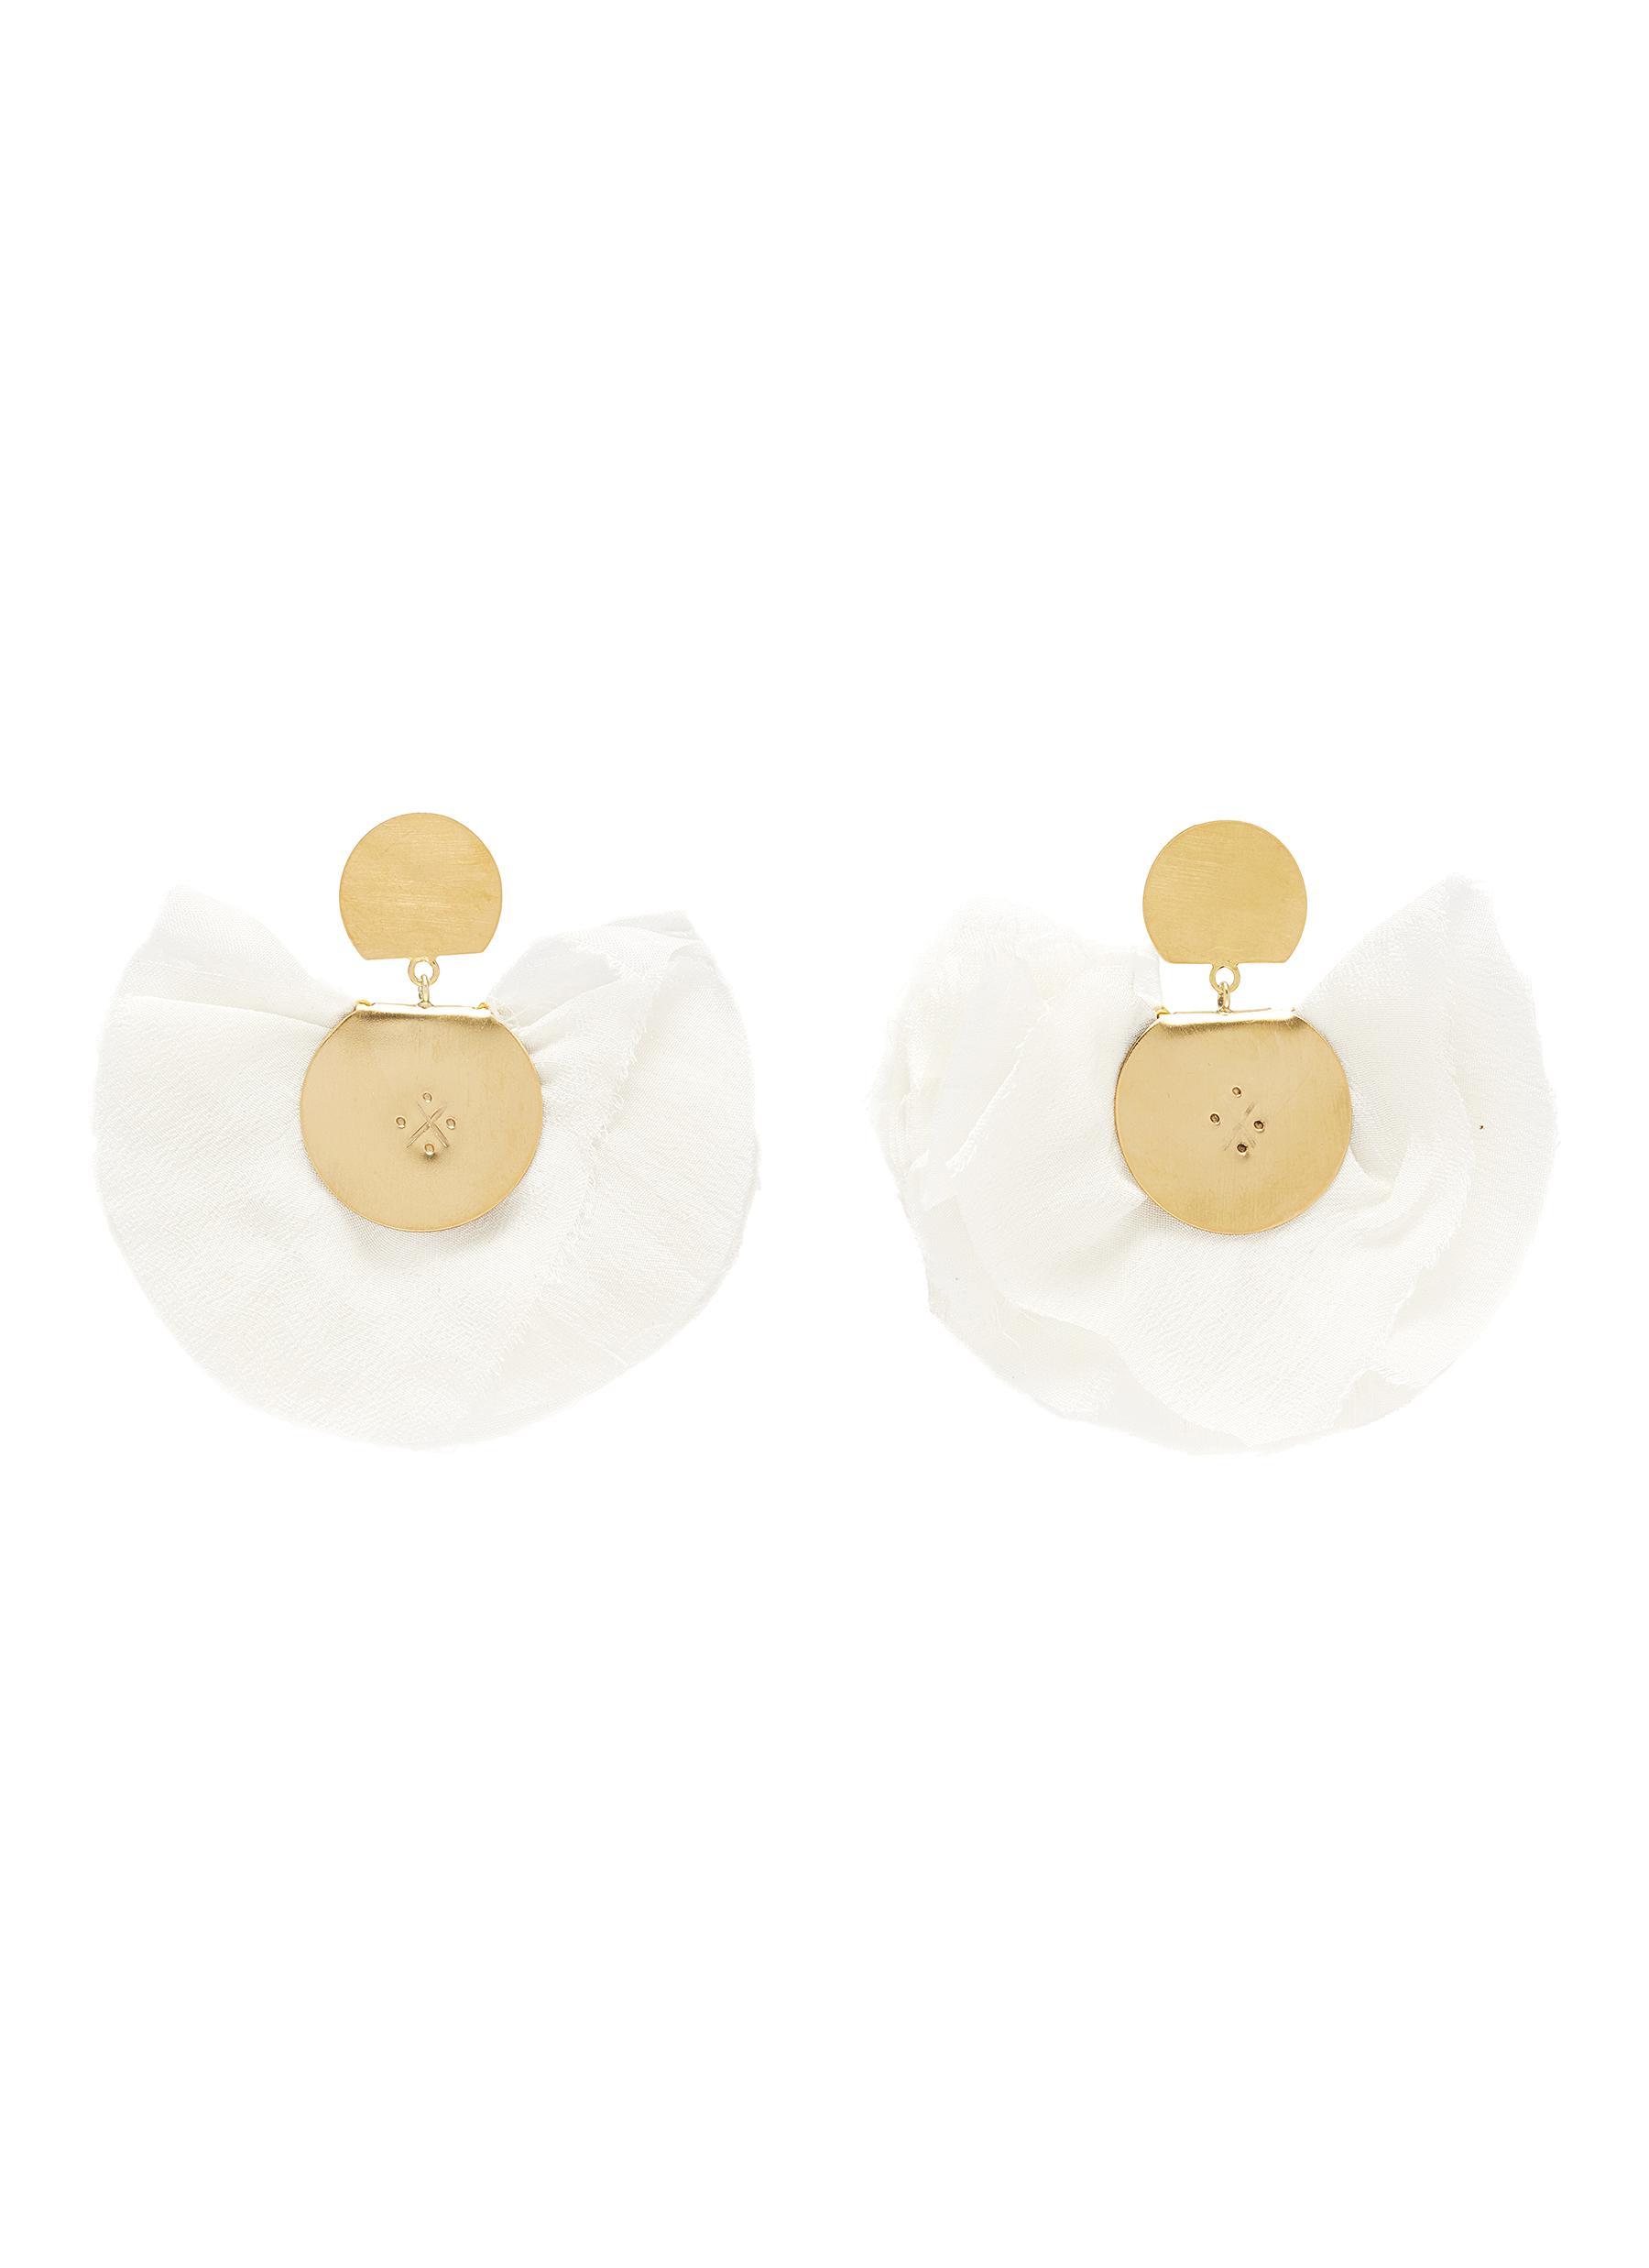 Silk fan 24k gold plated silver bronze vermeil earrings